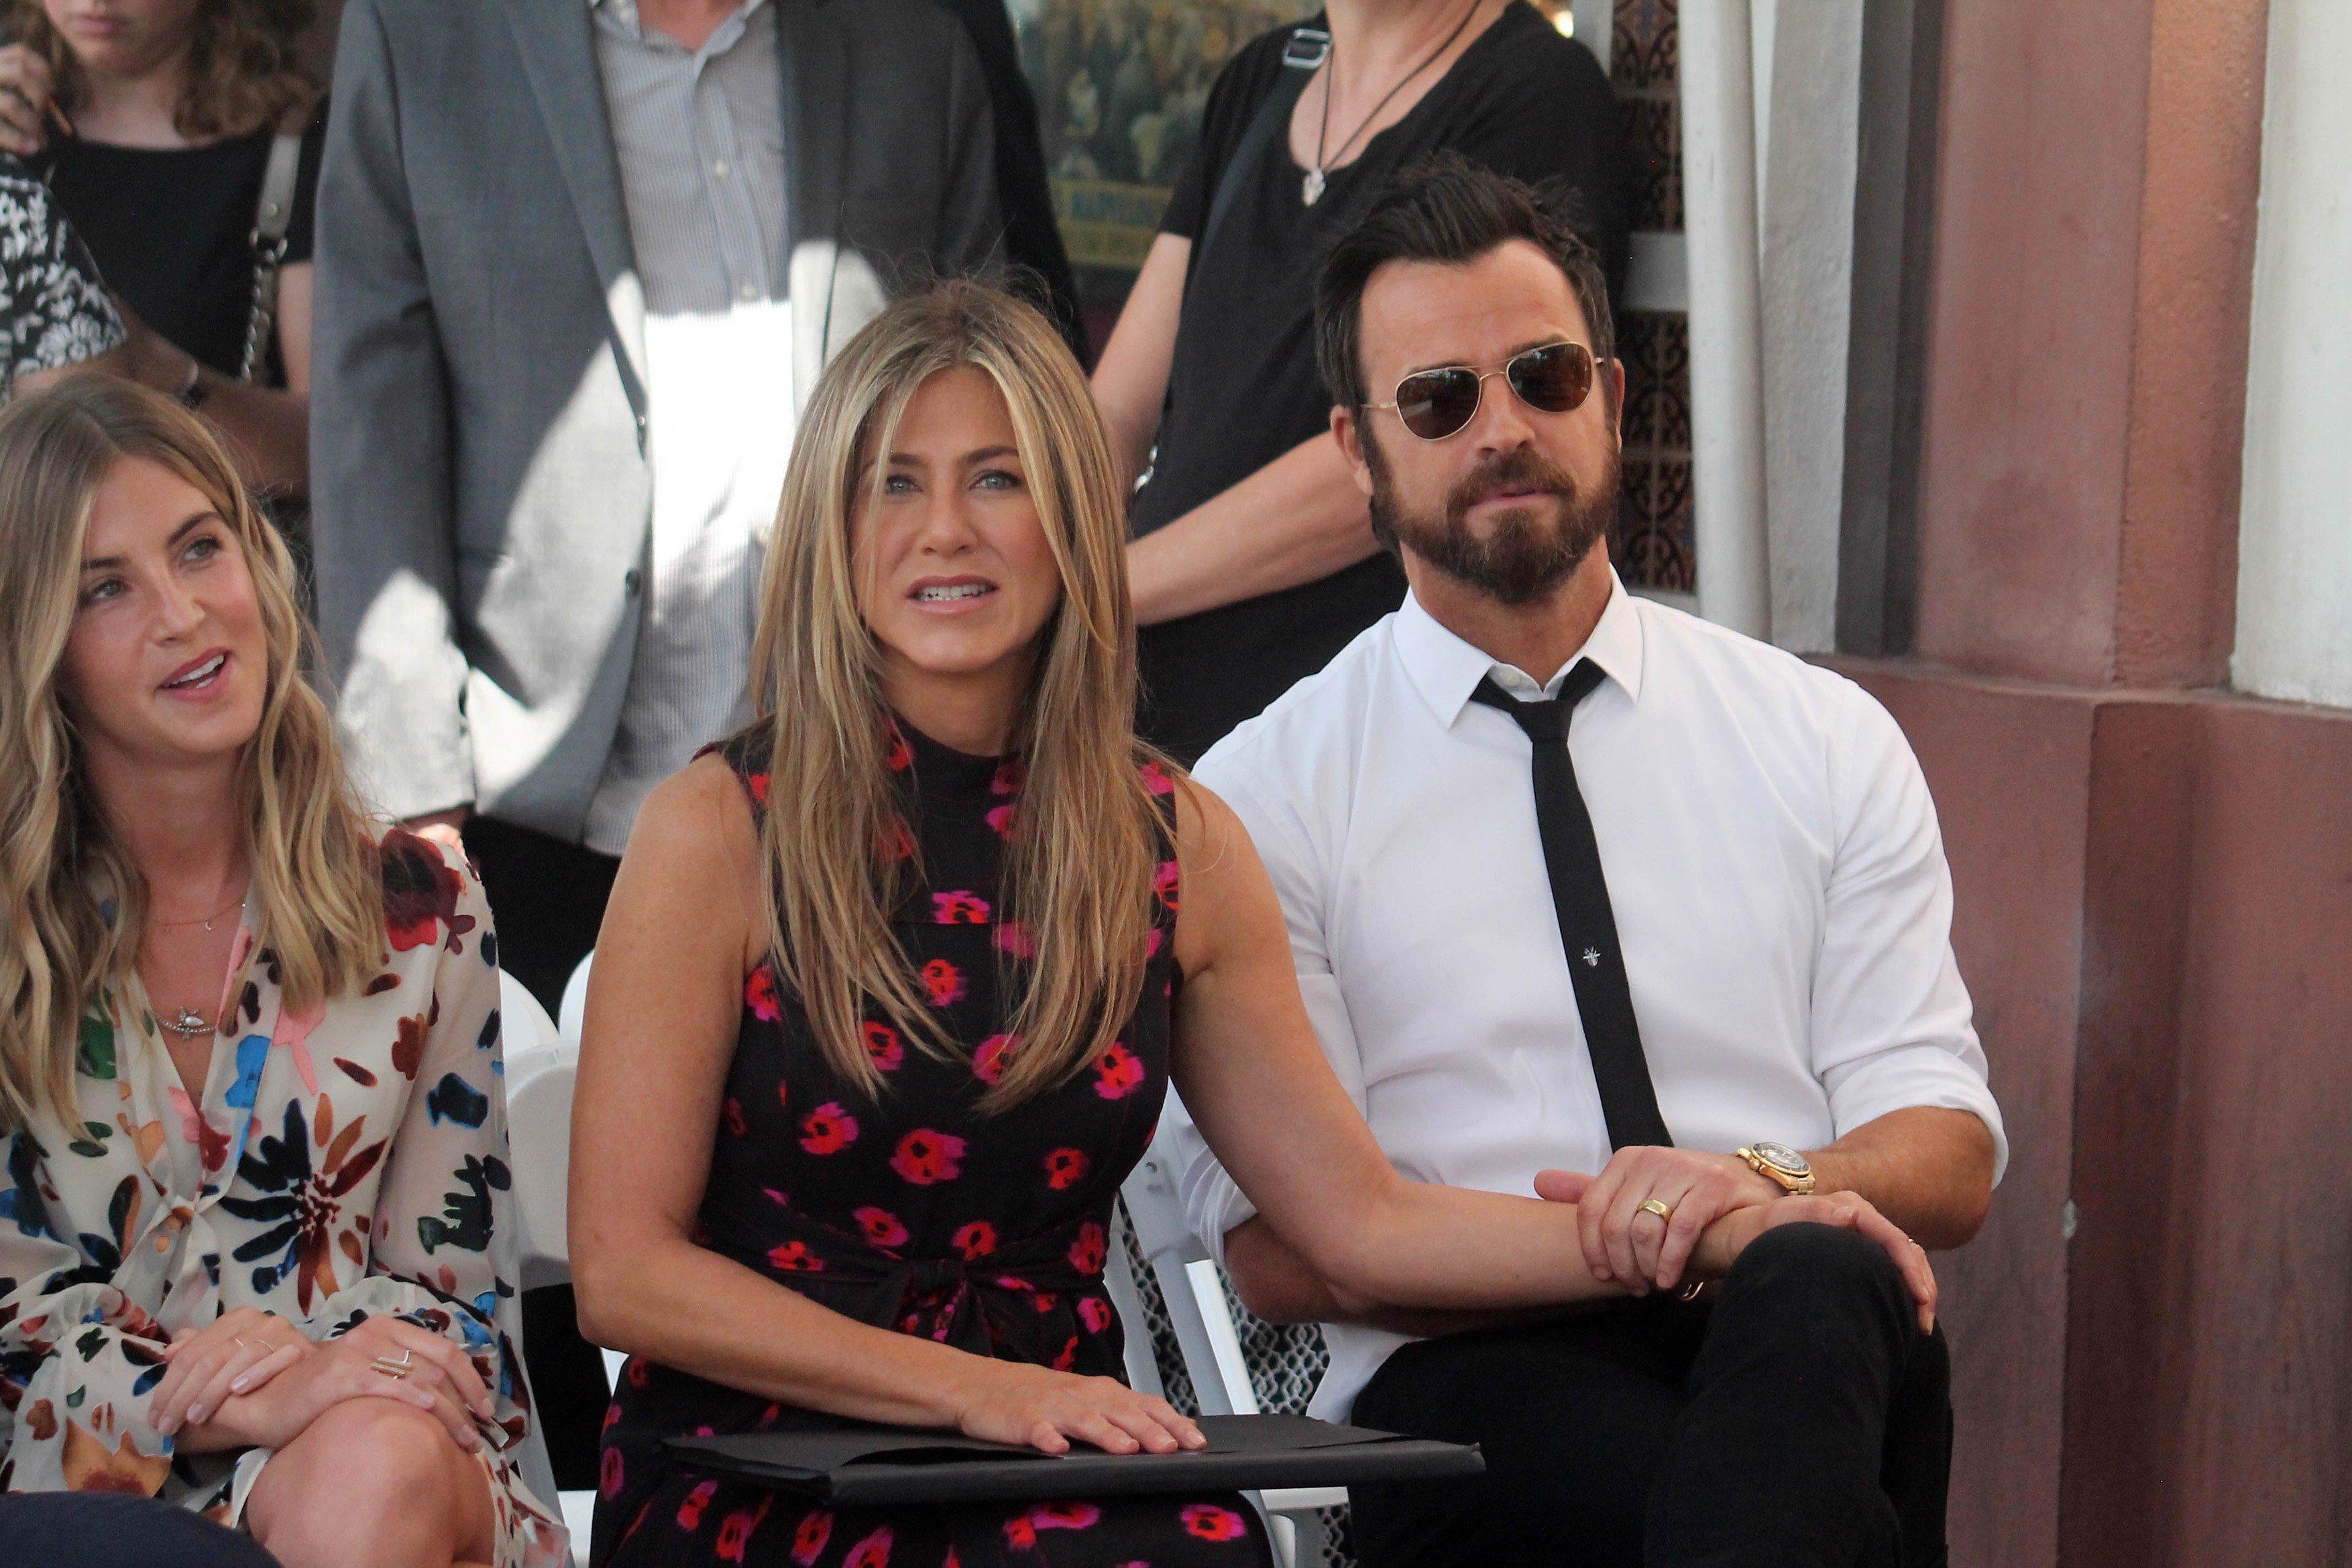 S Justinom Therouxom na dodjeli zvijezde Jasonu Batemanu na Stazi slavnih u srpnju prošle godine